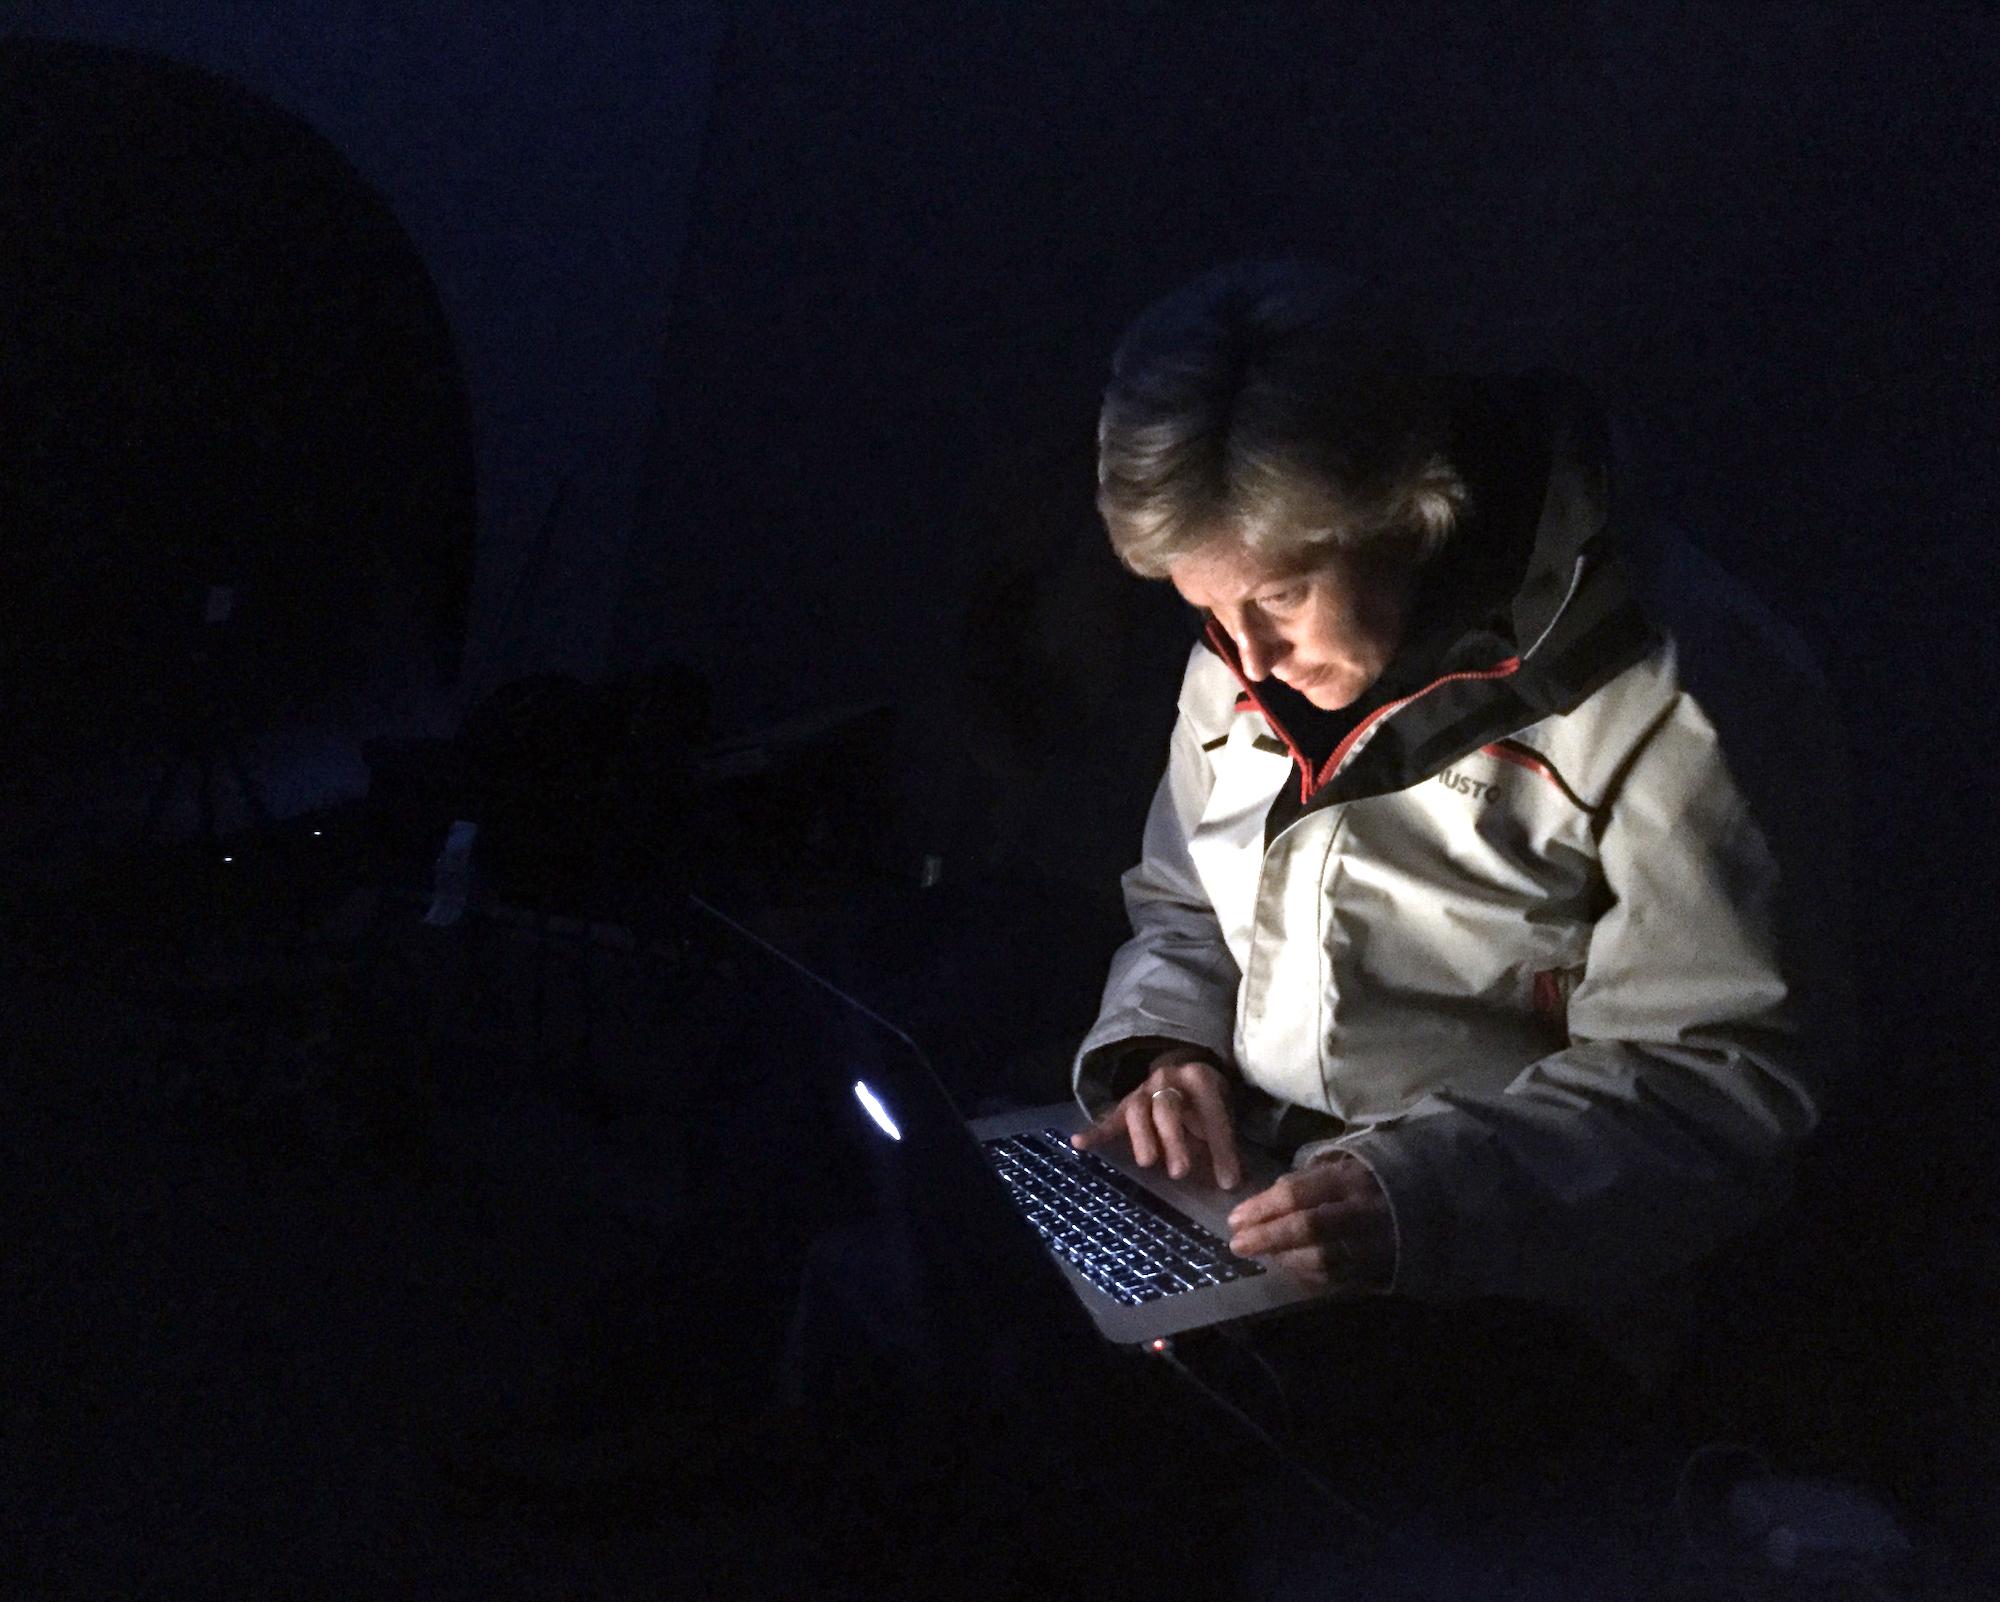 Eleanor Bell, testing lighting for James Turrell Skyspace, Kielder